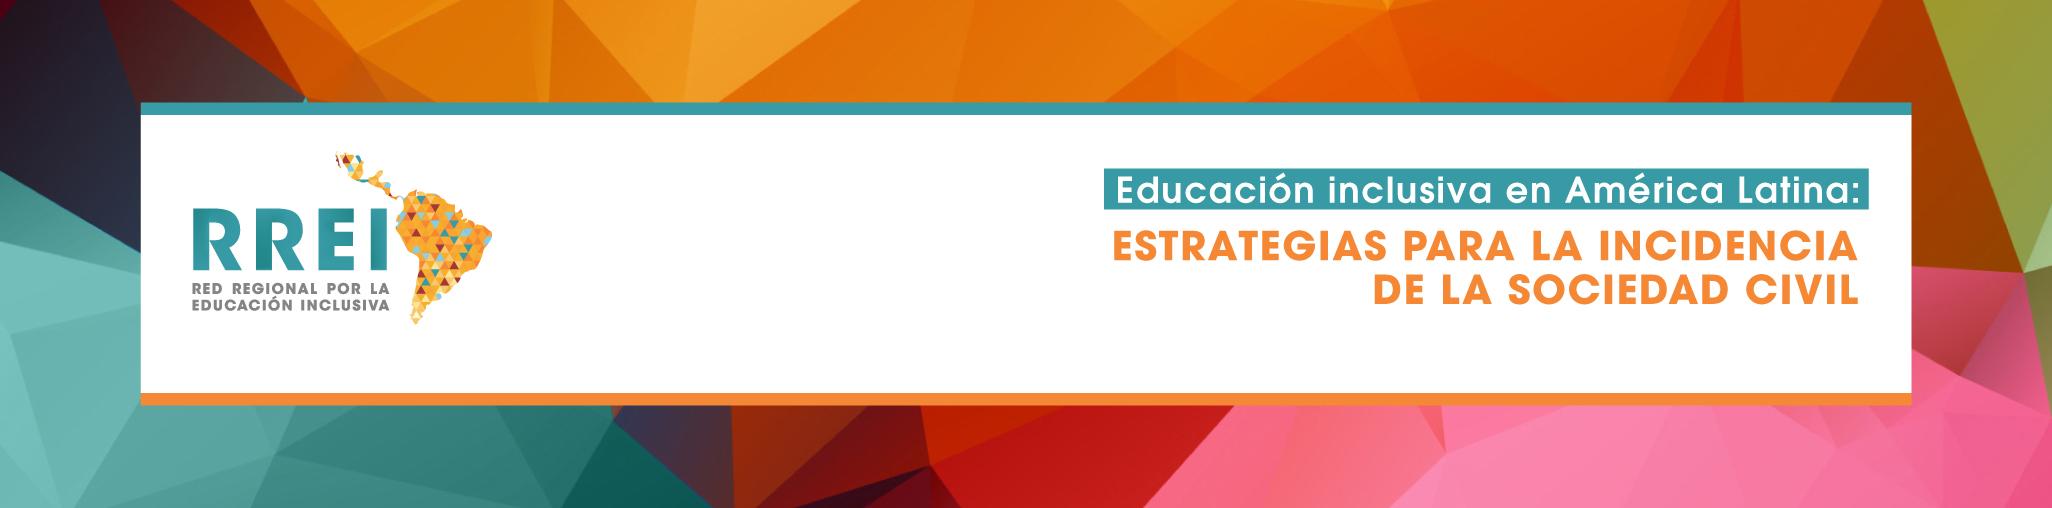 """Encuentro """"Educación Inclusiva en América Latina: estrategias para la incidencia de la sociedad civil"""""""